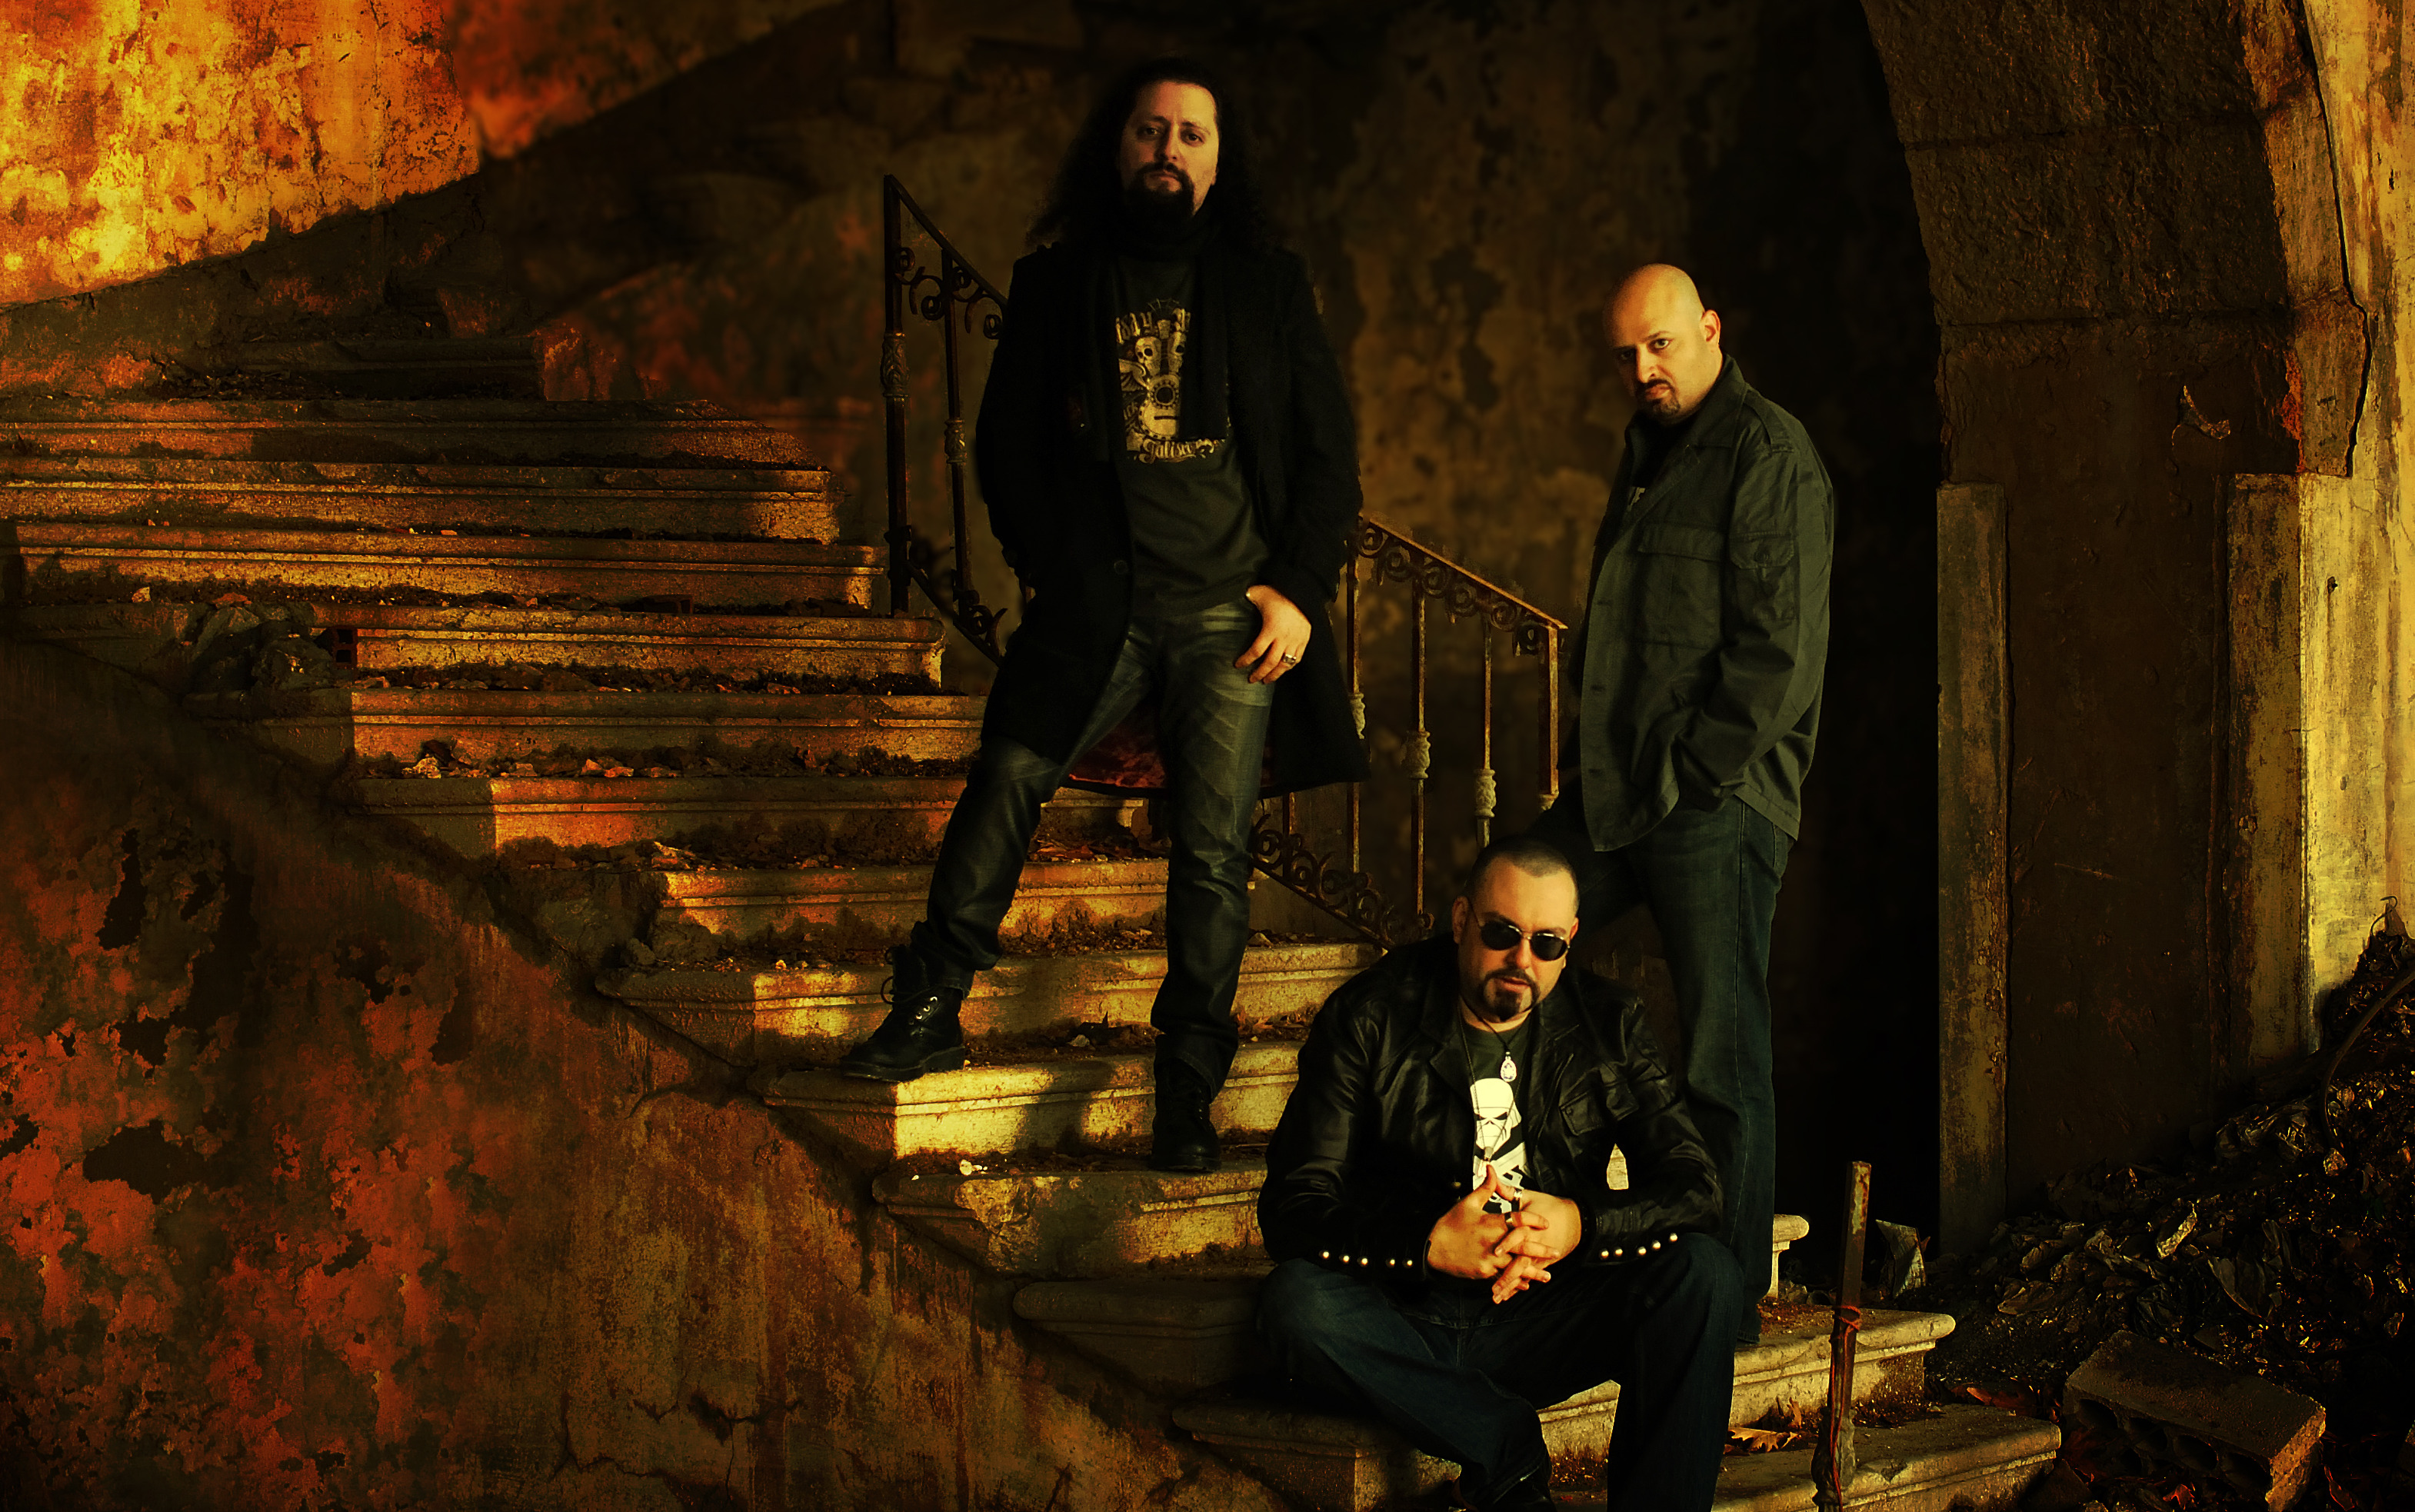 Musik aus dem Libanon: The Kordz im Interview